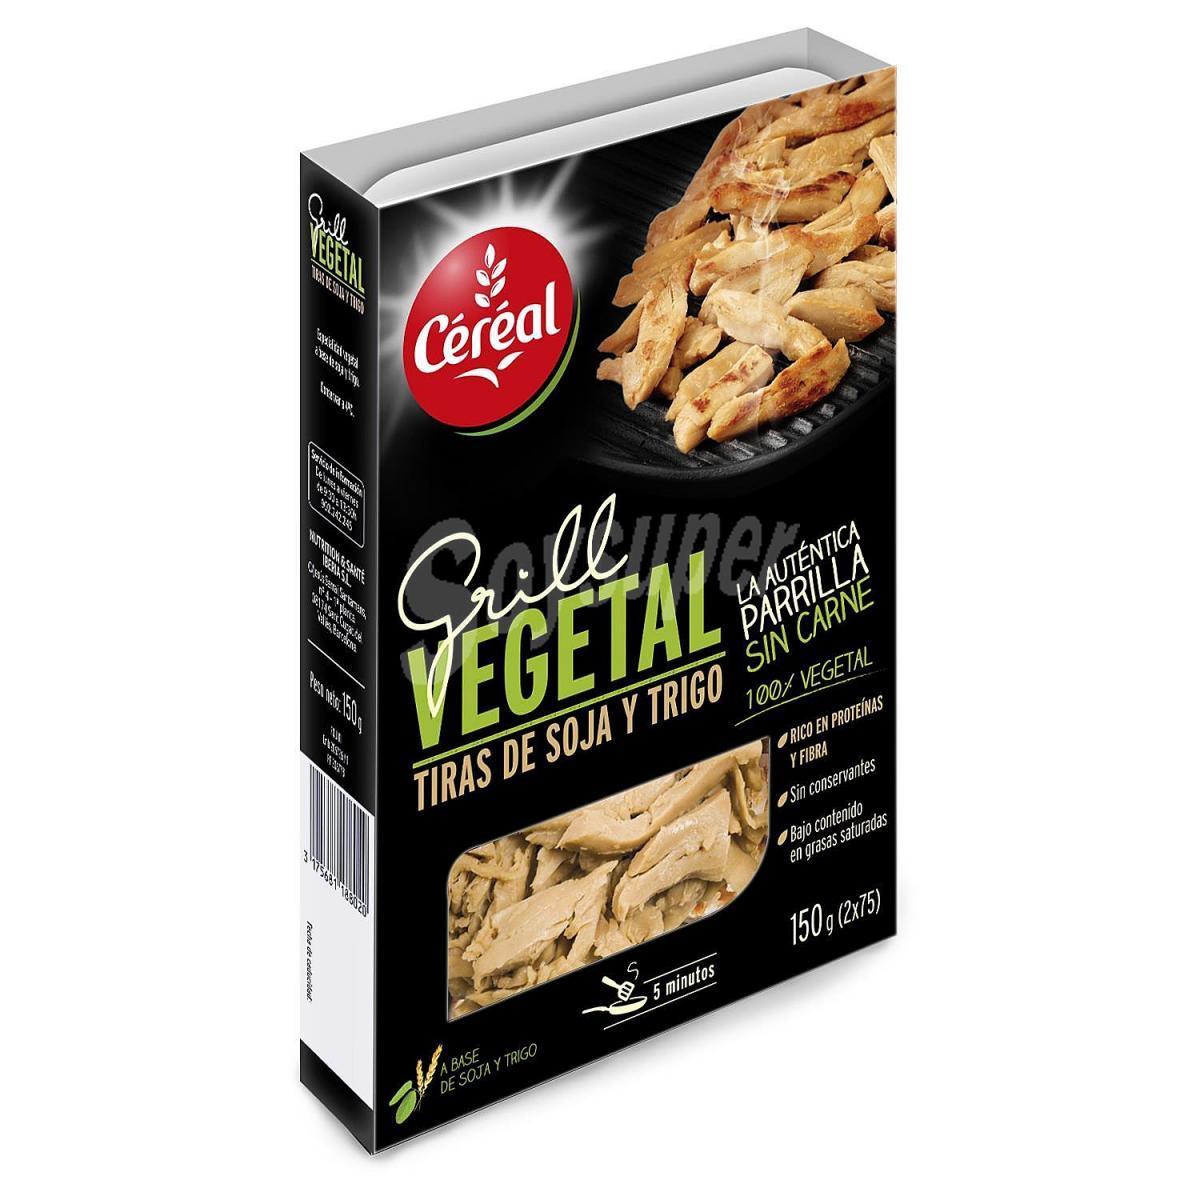 10 Productos Vegetarianos Para Sustituir La Carne En Tu Alimentación Igualdad Animal